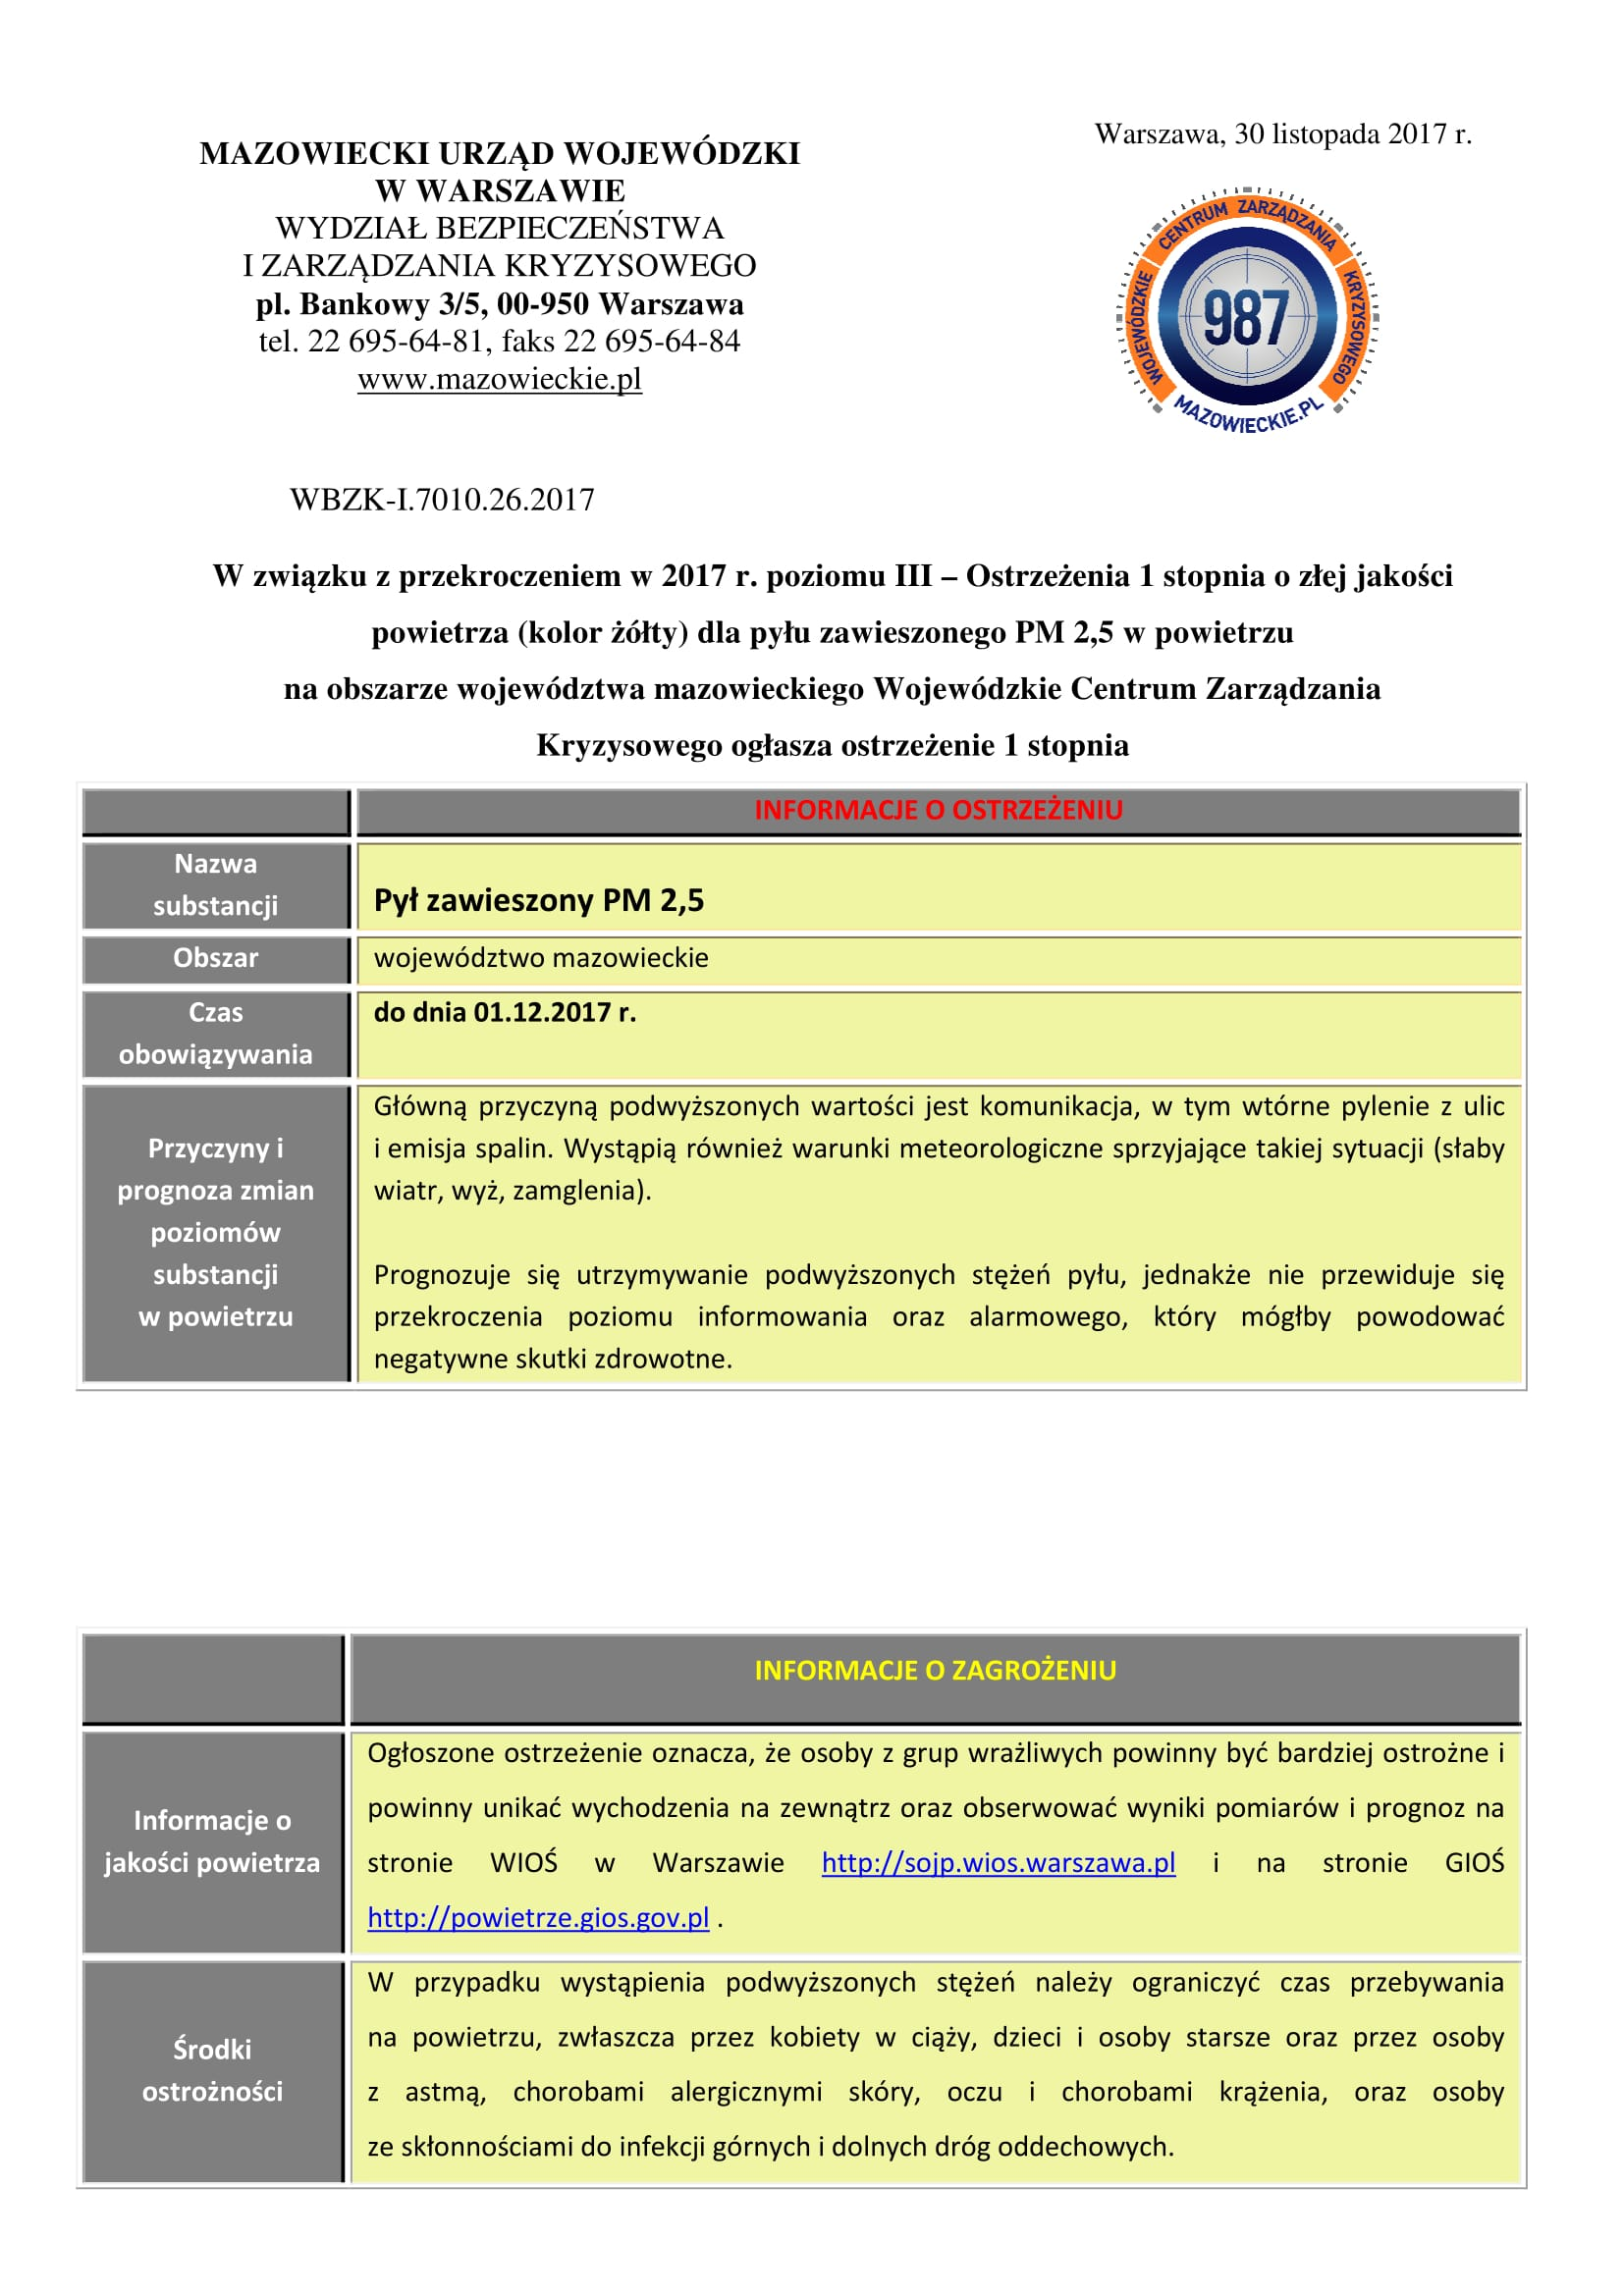 Poziom III - Ostrzeżenie 1 PM 25 30 llistopad-1